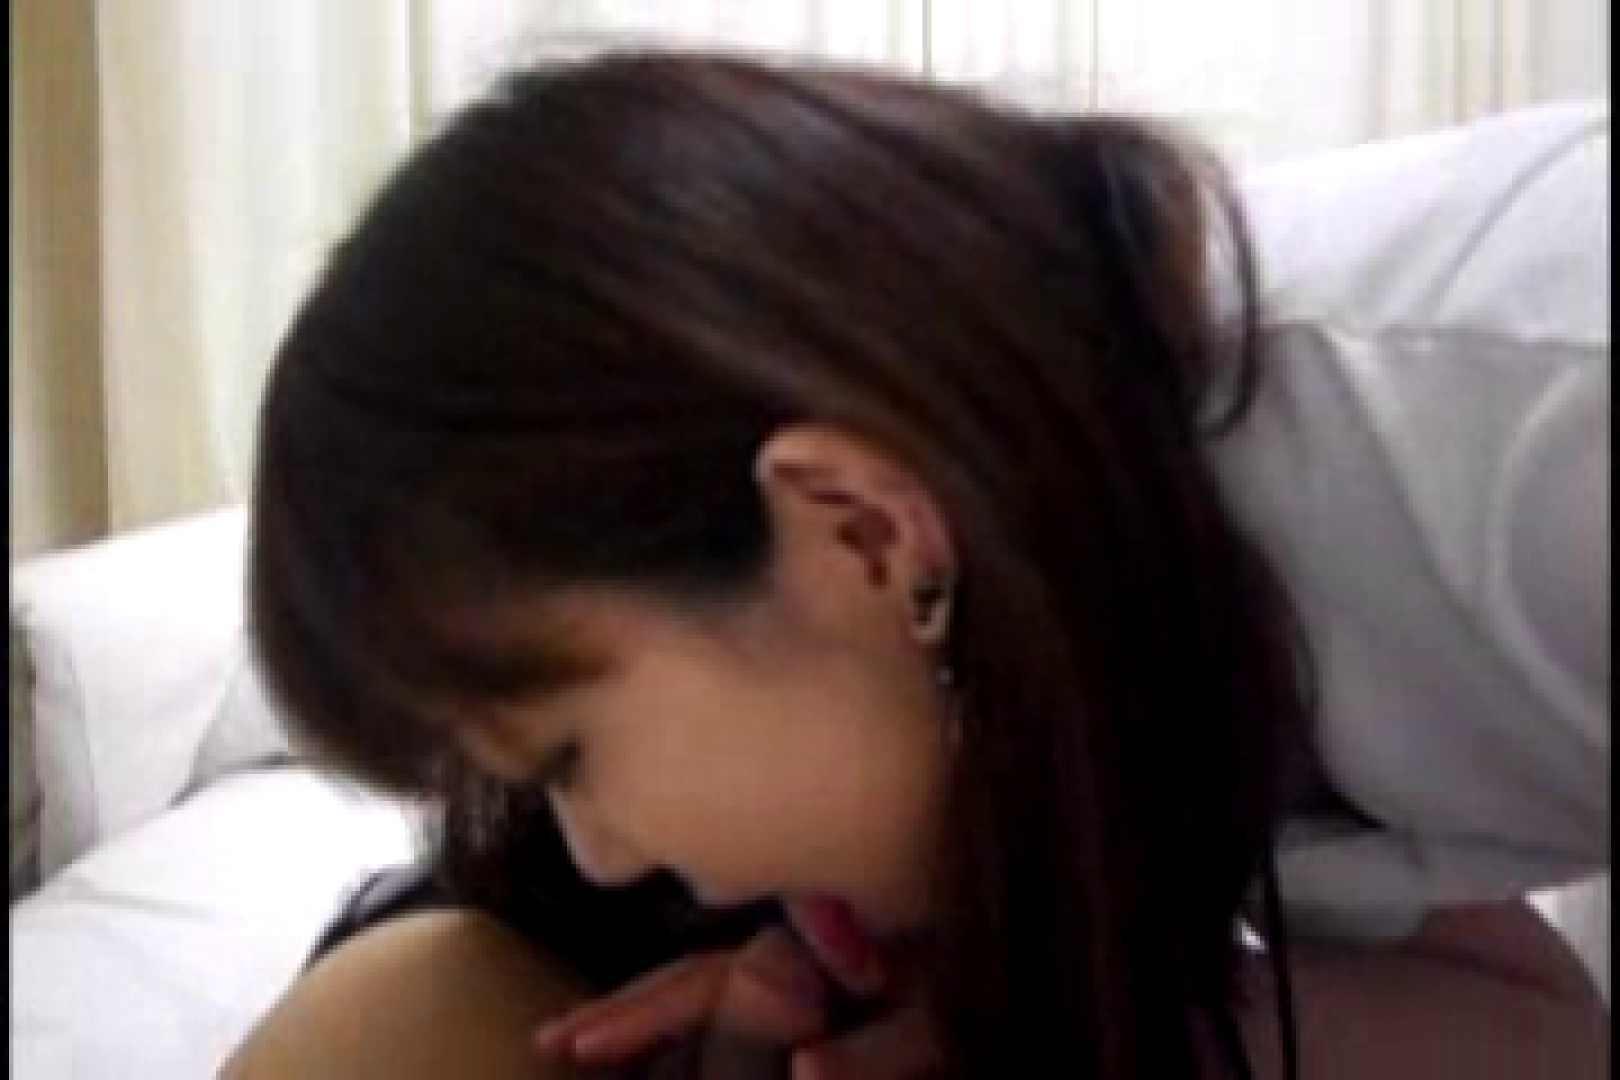 ヤリマンと呼ばれた看護士さんvol1 綺麗なOLたち おまんこ無修正動画無料 71枚 47